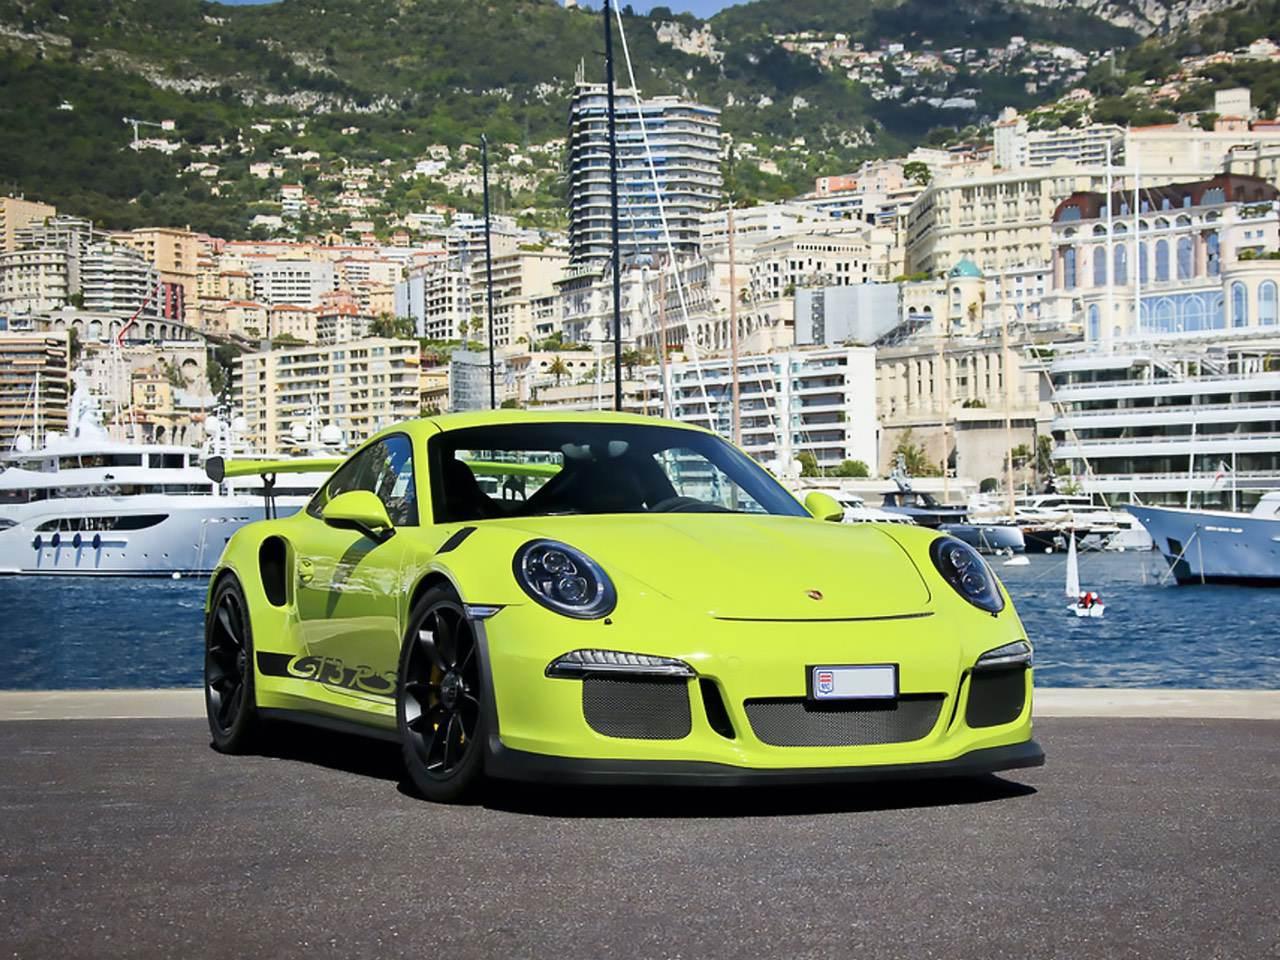 Porsche-911-991-GT3-RS-8